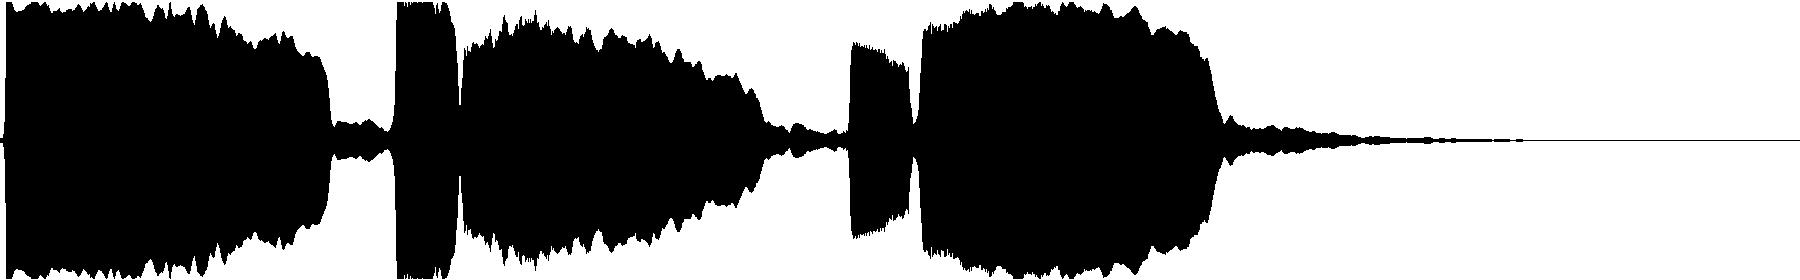 sopsaxfx 1